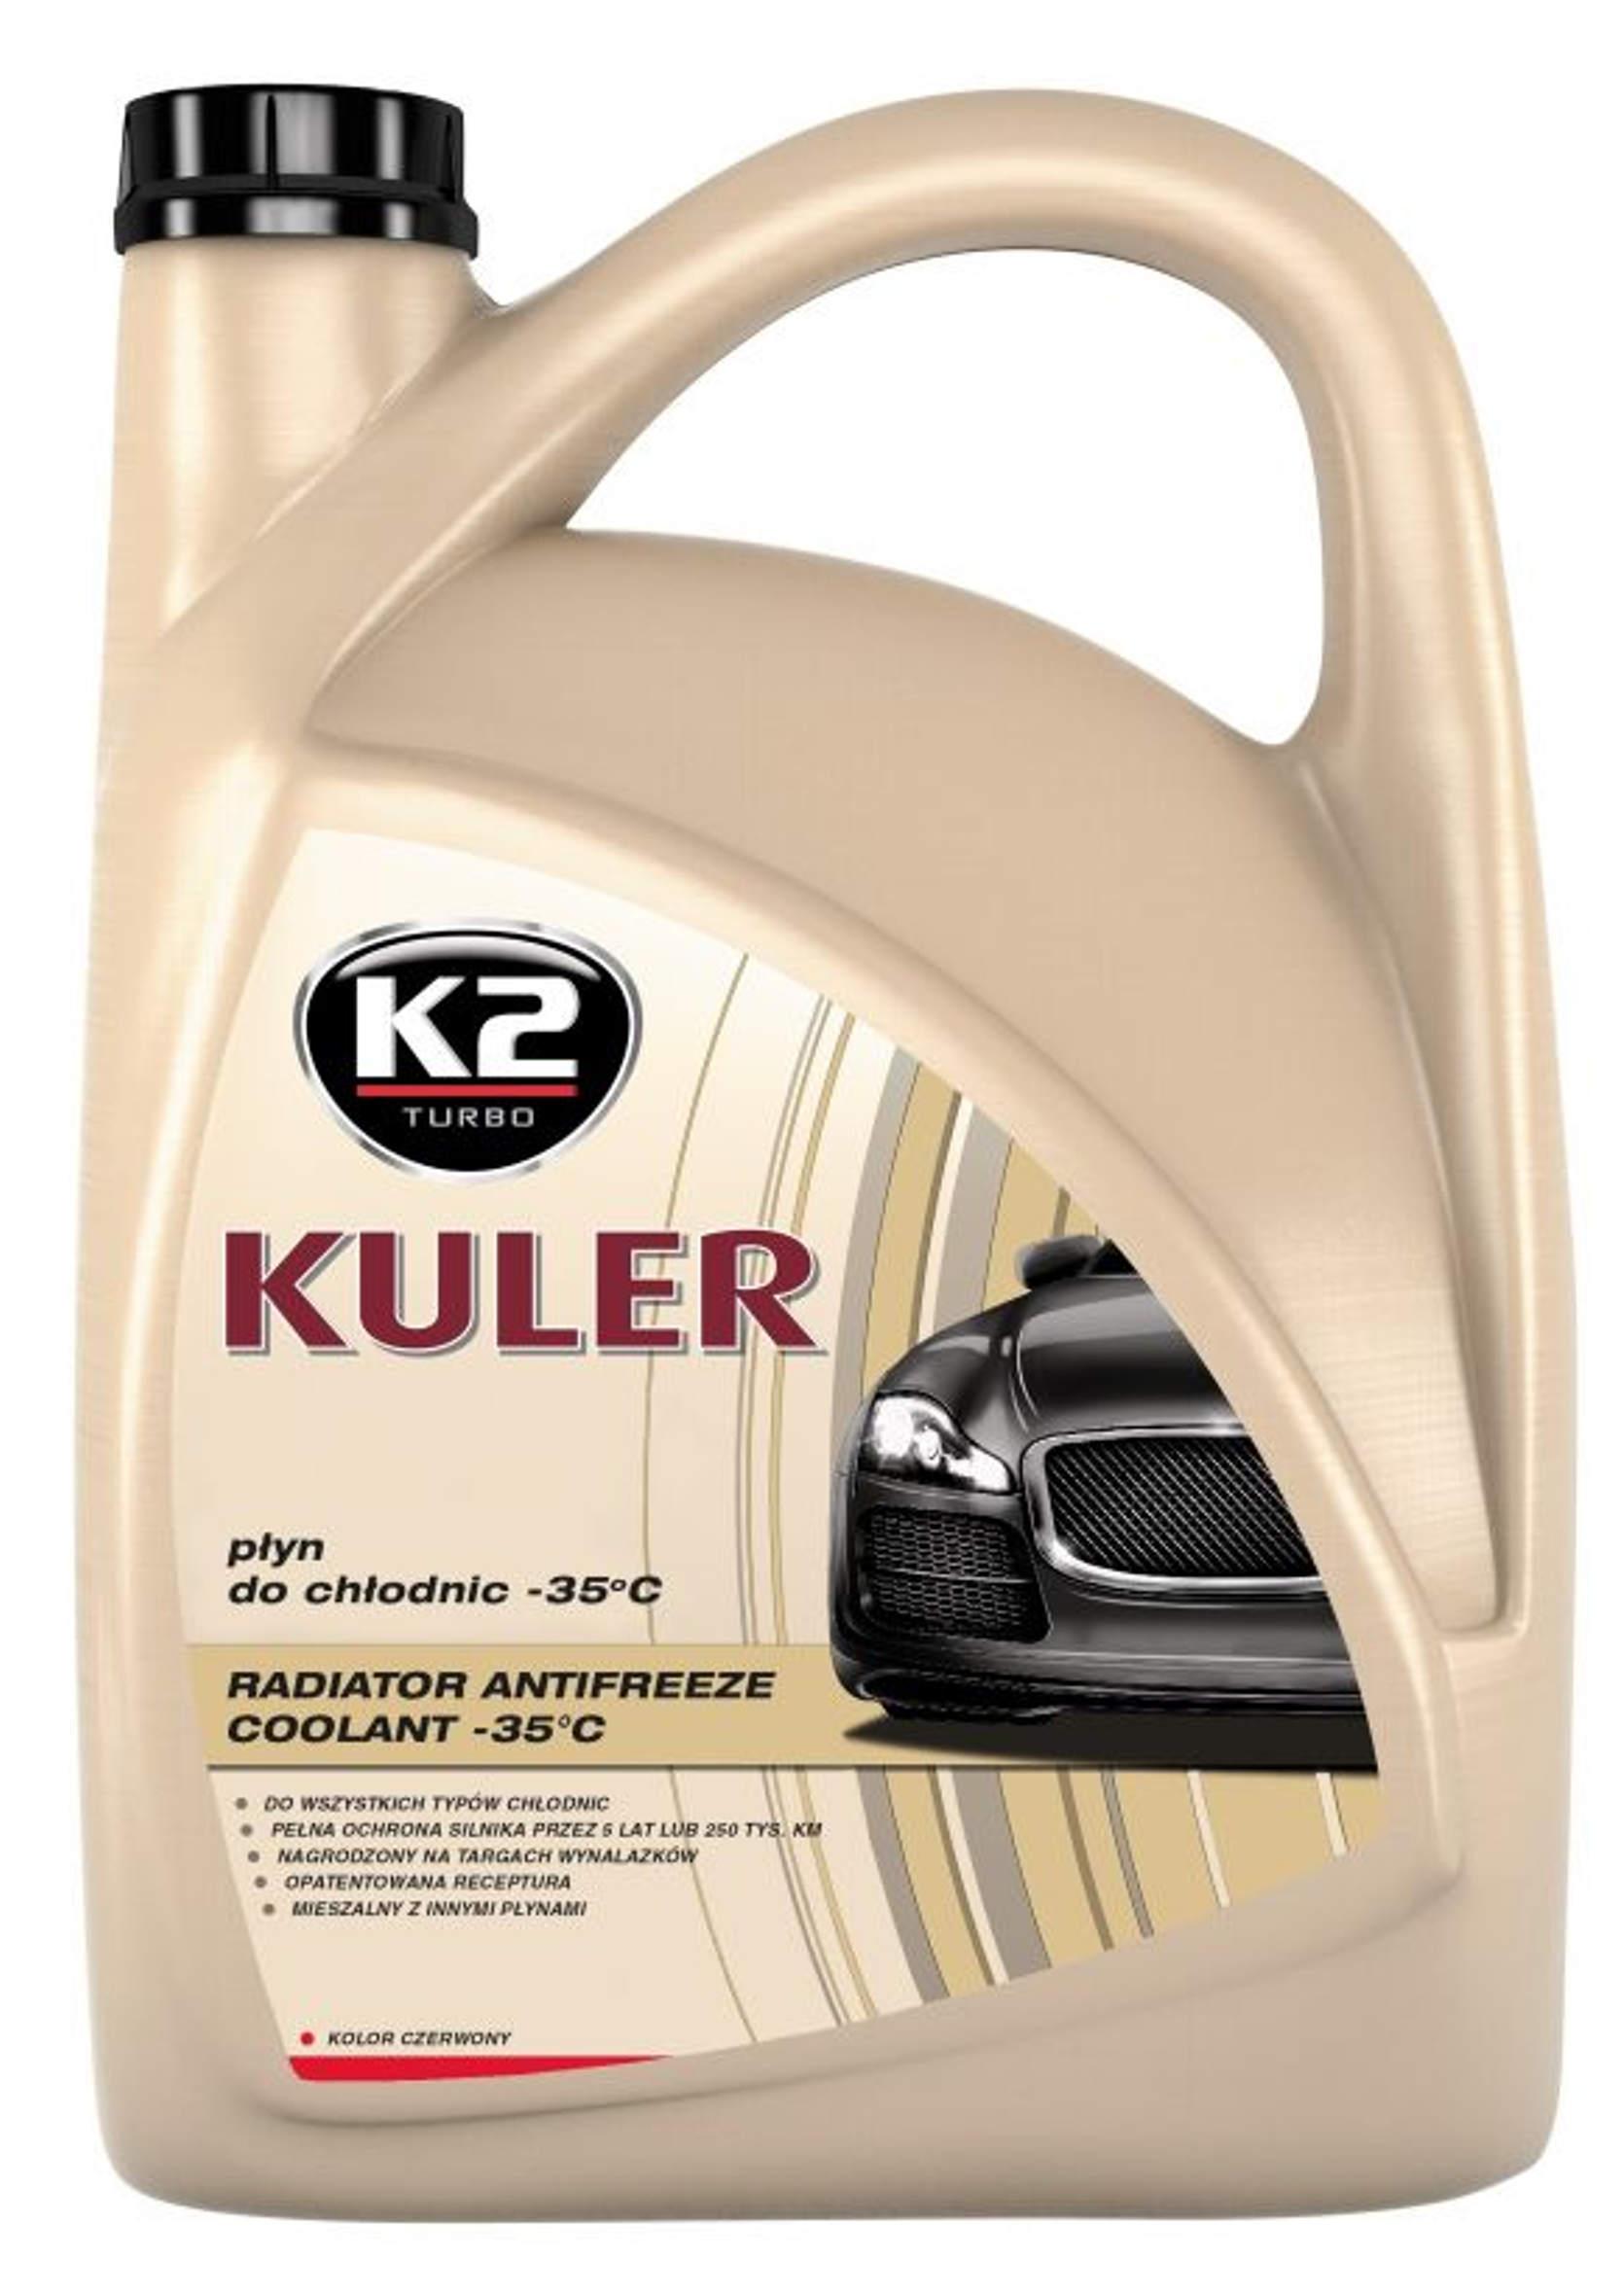 K2 Kuler 5L Czerwony płyn do chłodnic G12 samochodowych Różowy -35C